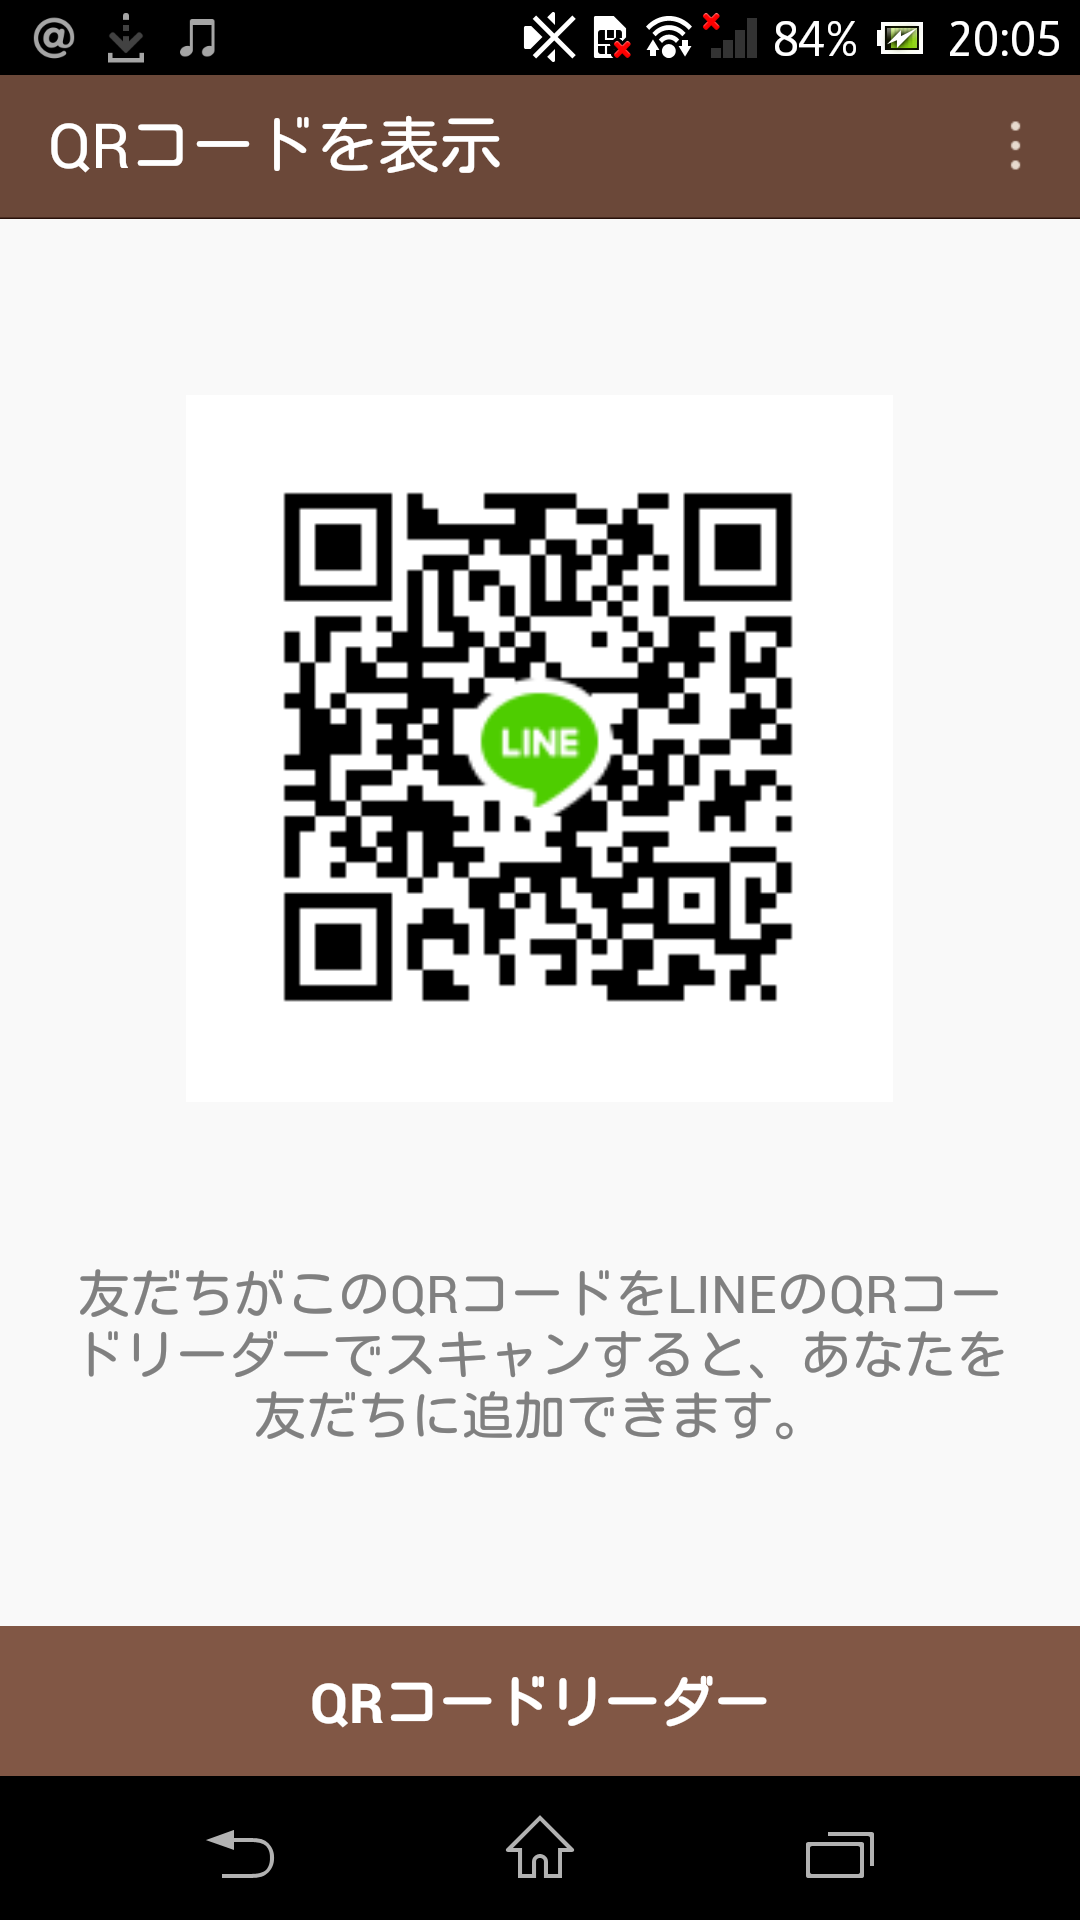 エイコさんのLINE QRコード